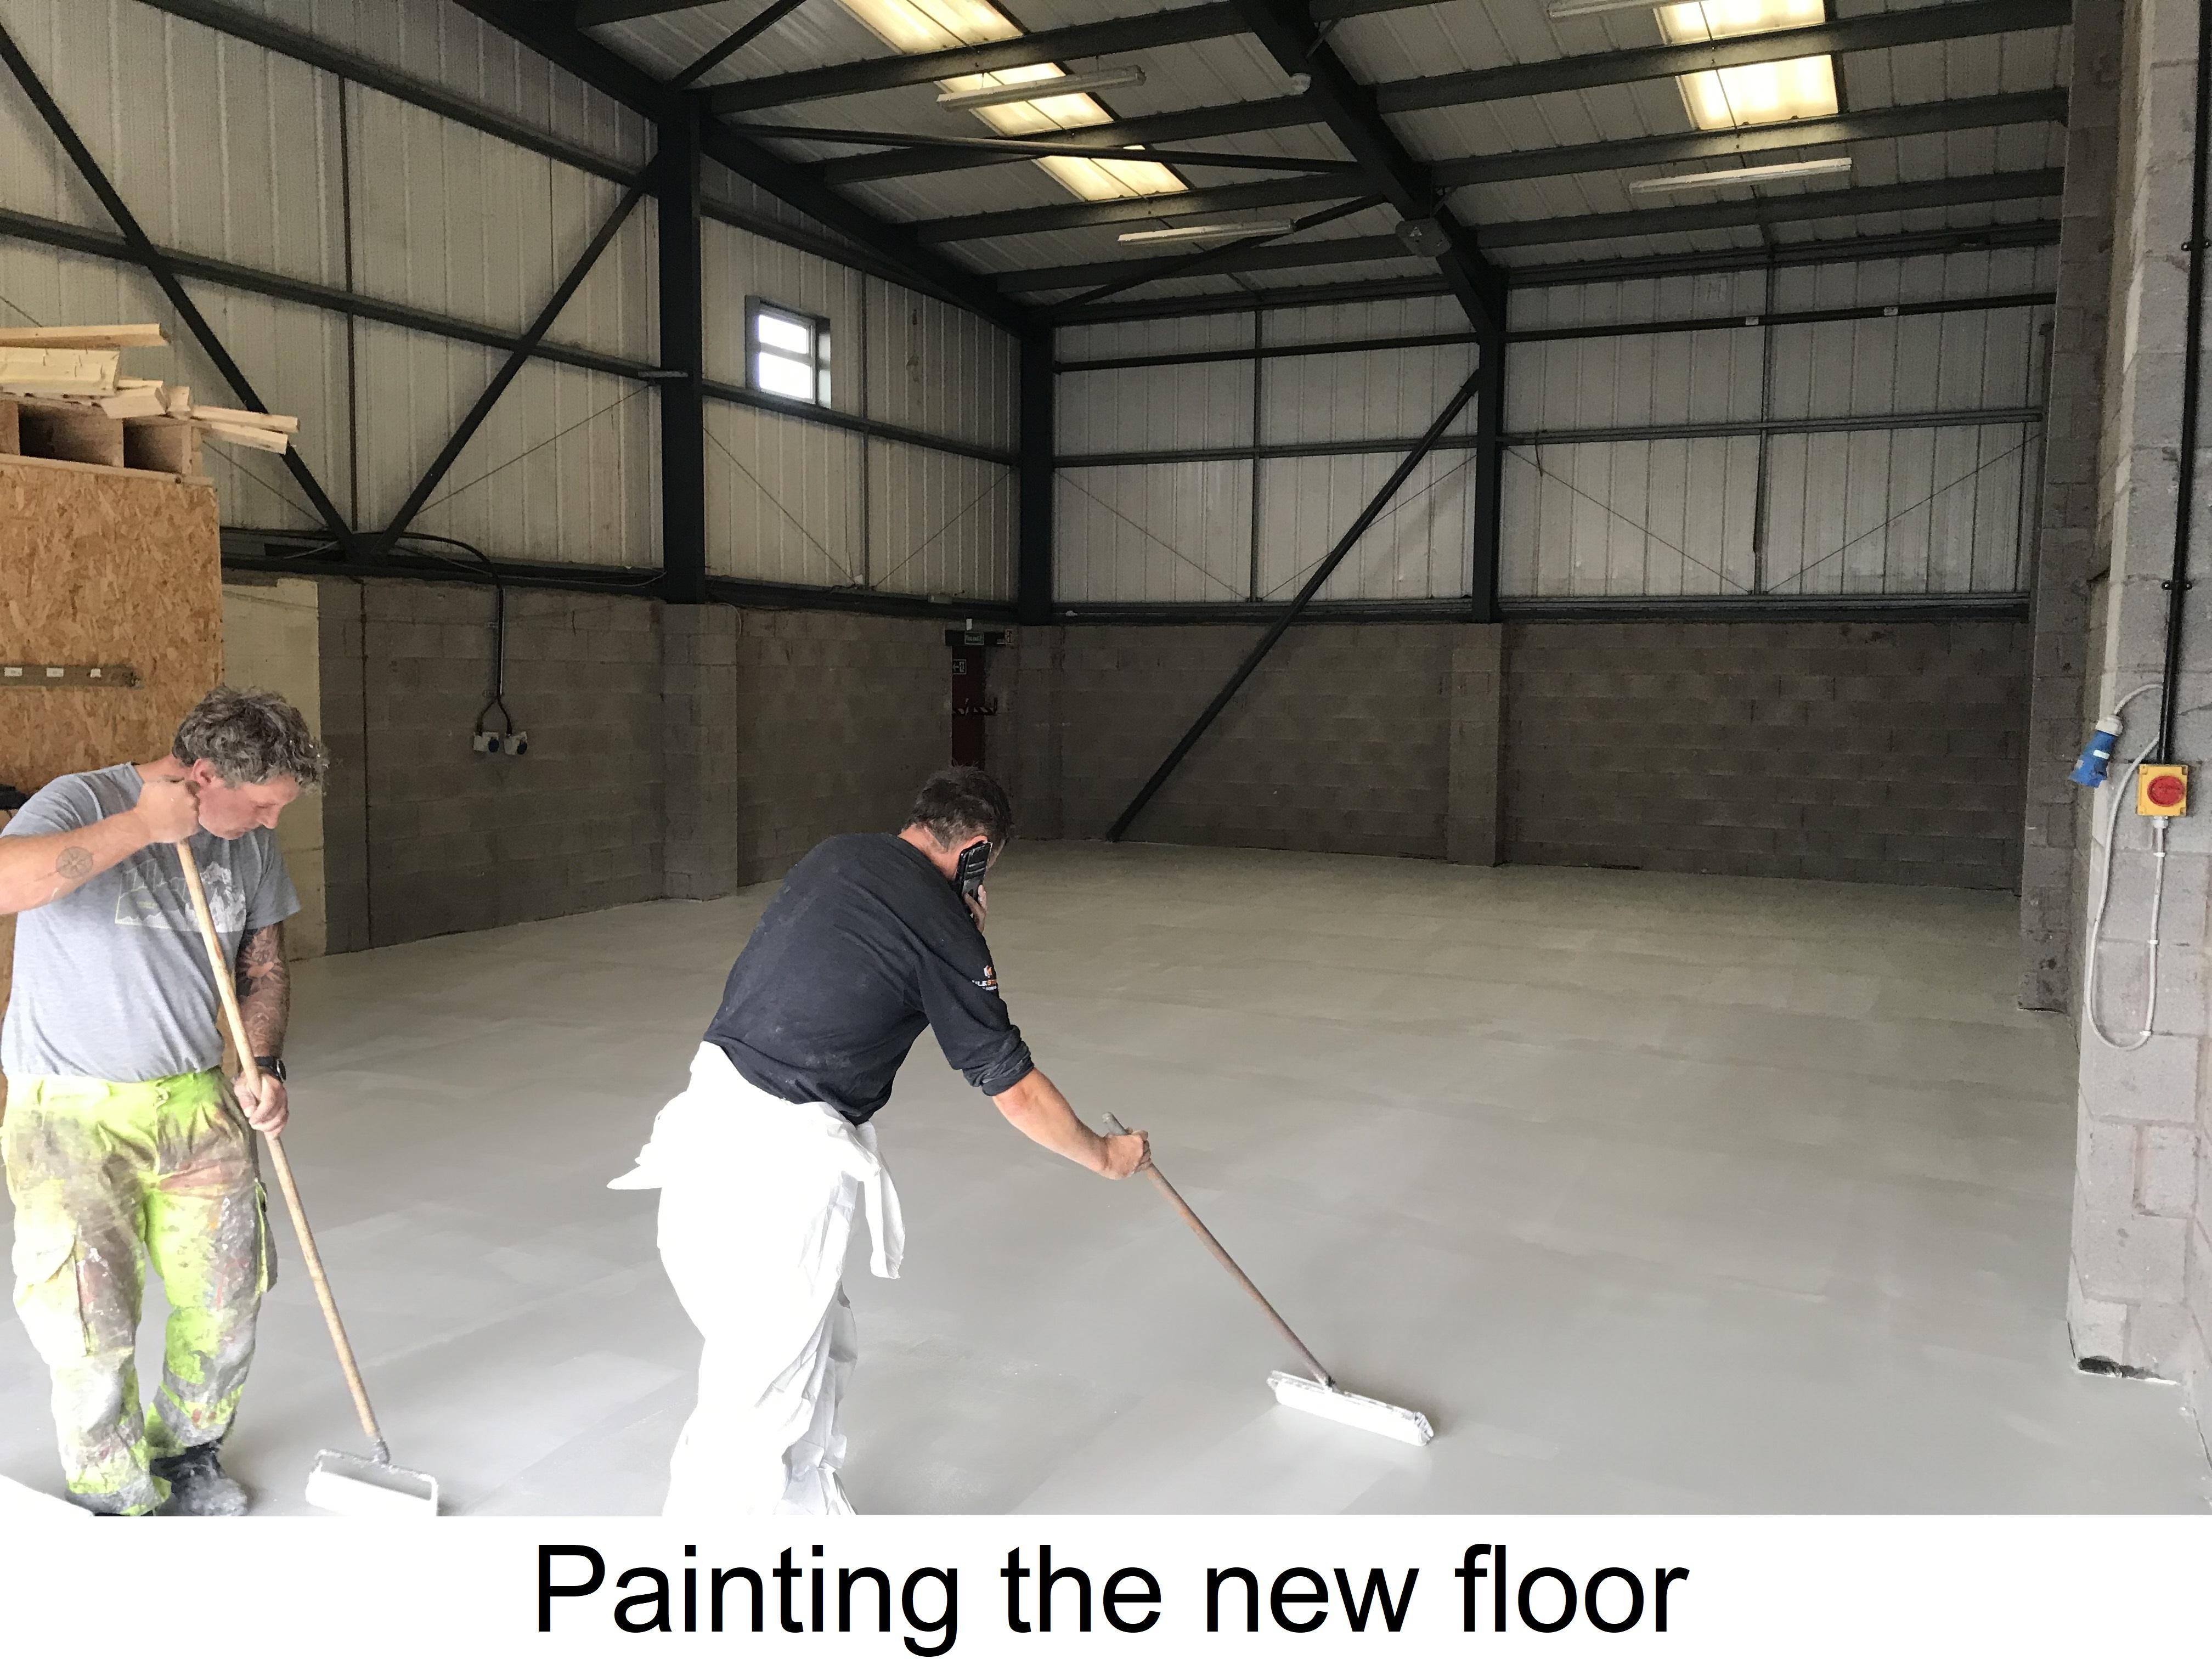 https://0201.nccdn.net/1_2/000/000/0c0/919/6.-painting-floor.jpg